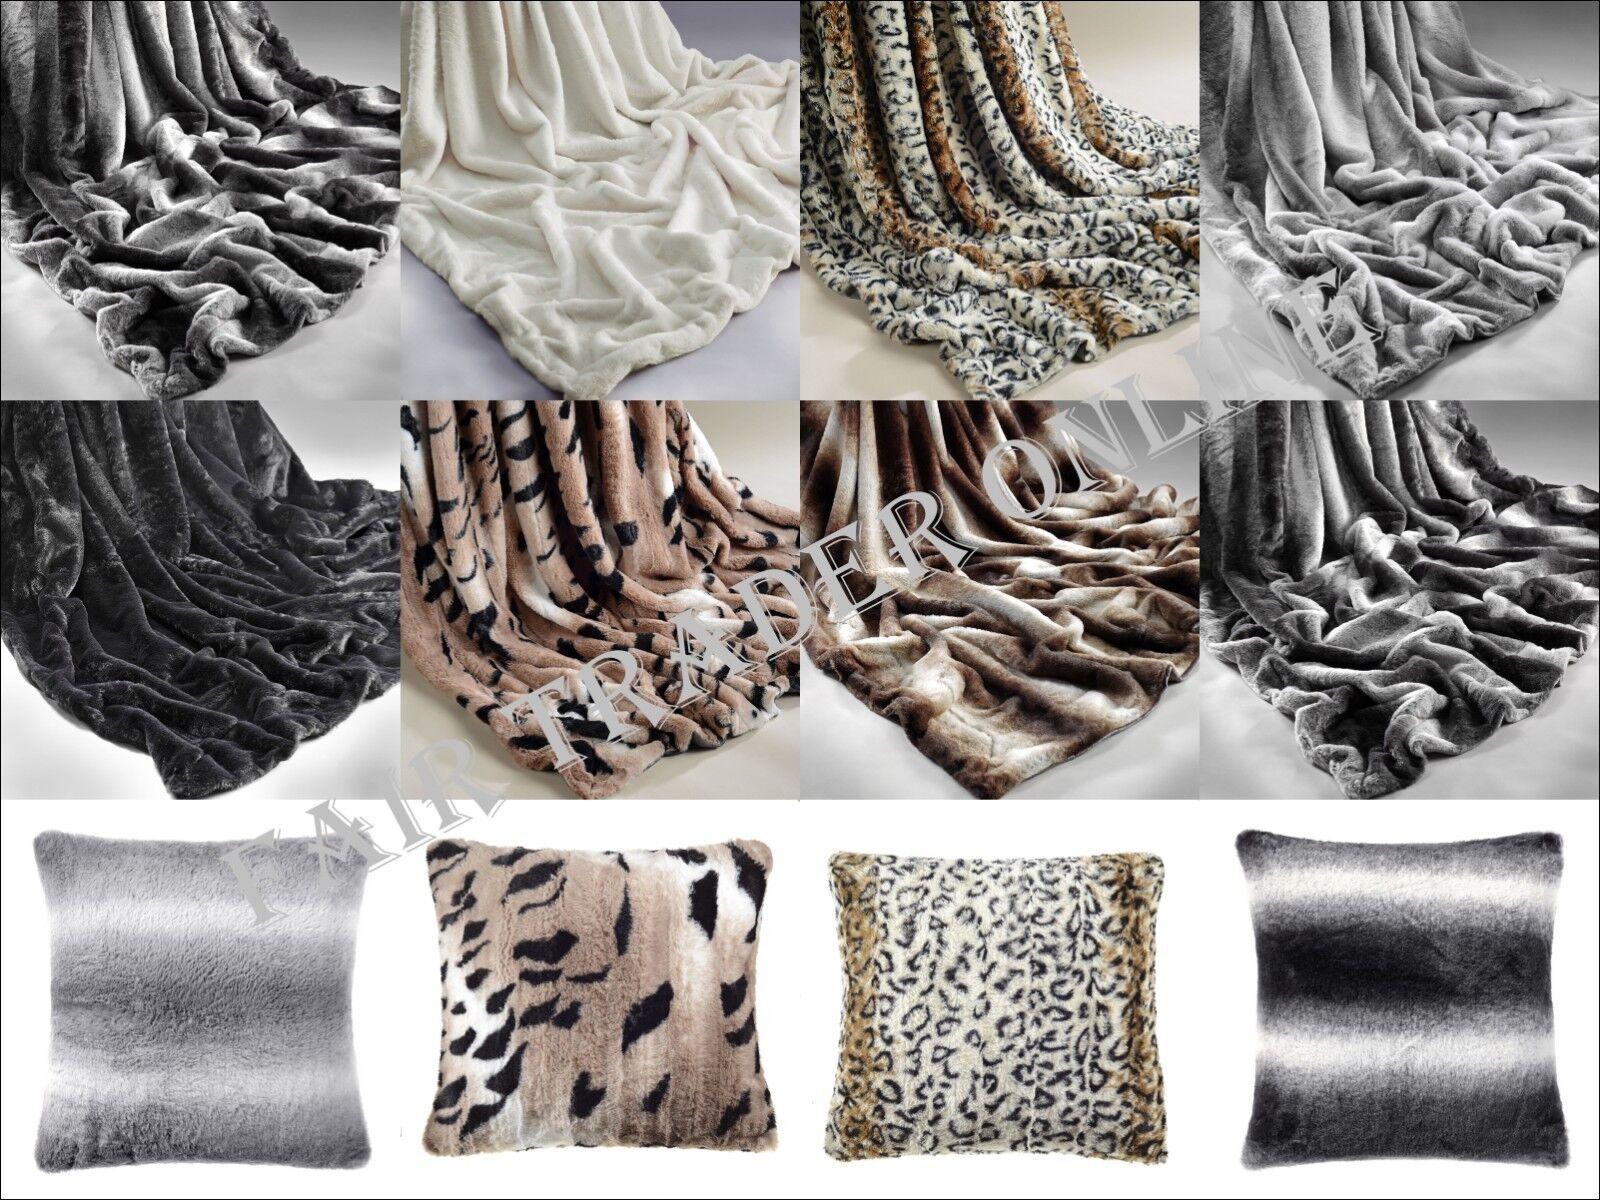 Cushion Covers Rabbit Faux Fur Throw Blanket Sofa Bed Super Soft Plush Warm